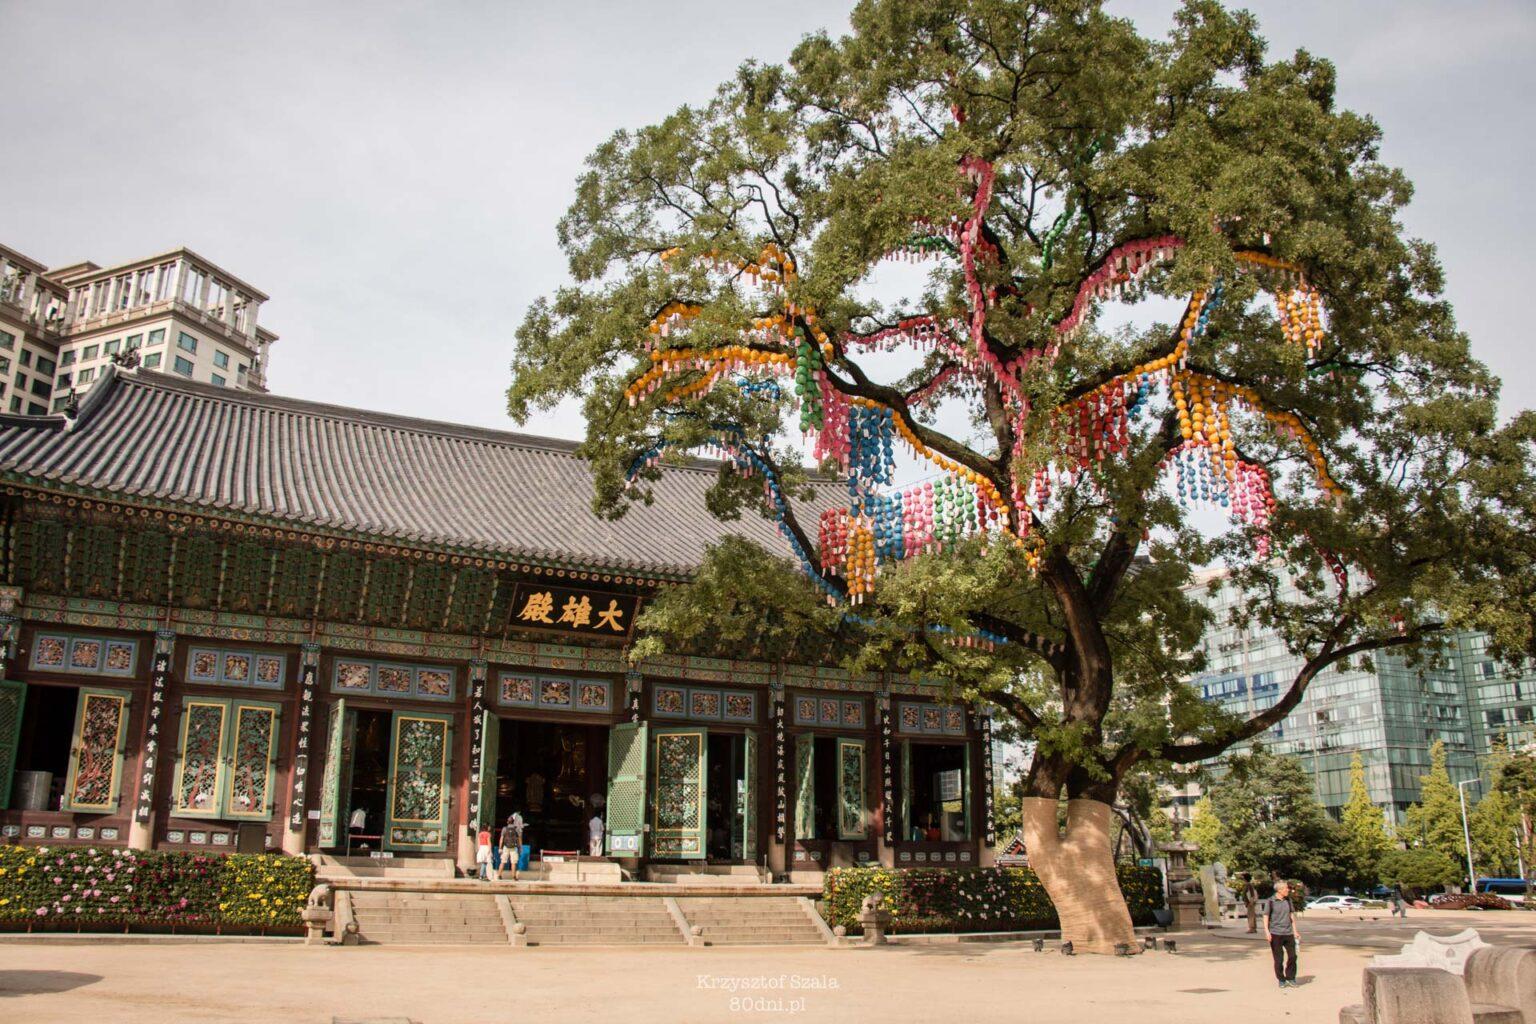 Świątynia Jogyesa (조계사)